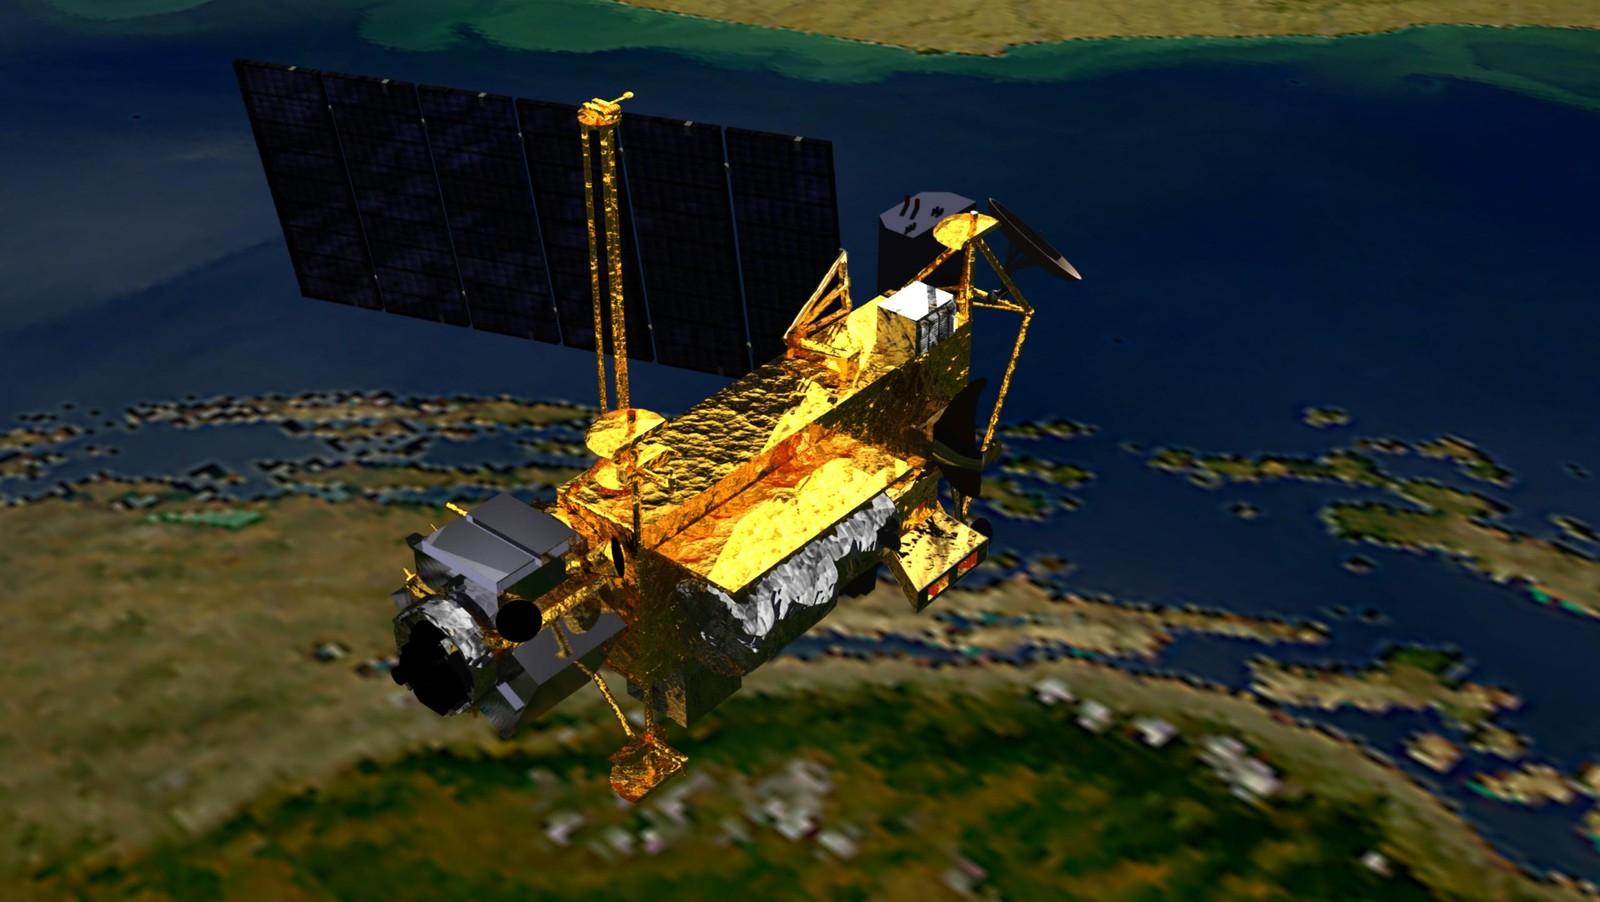 nasa satellite tracker - 836×627